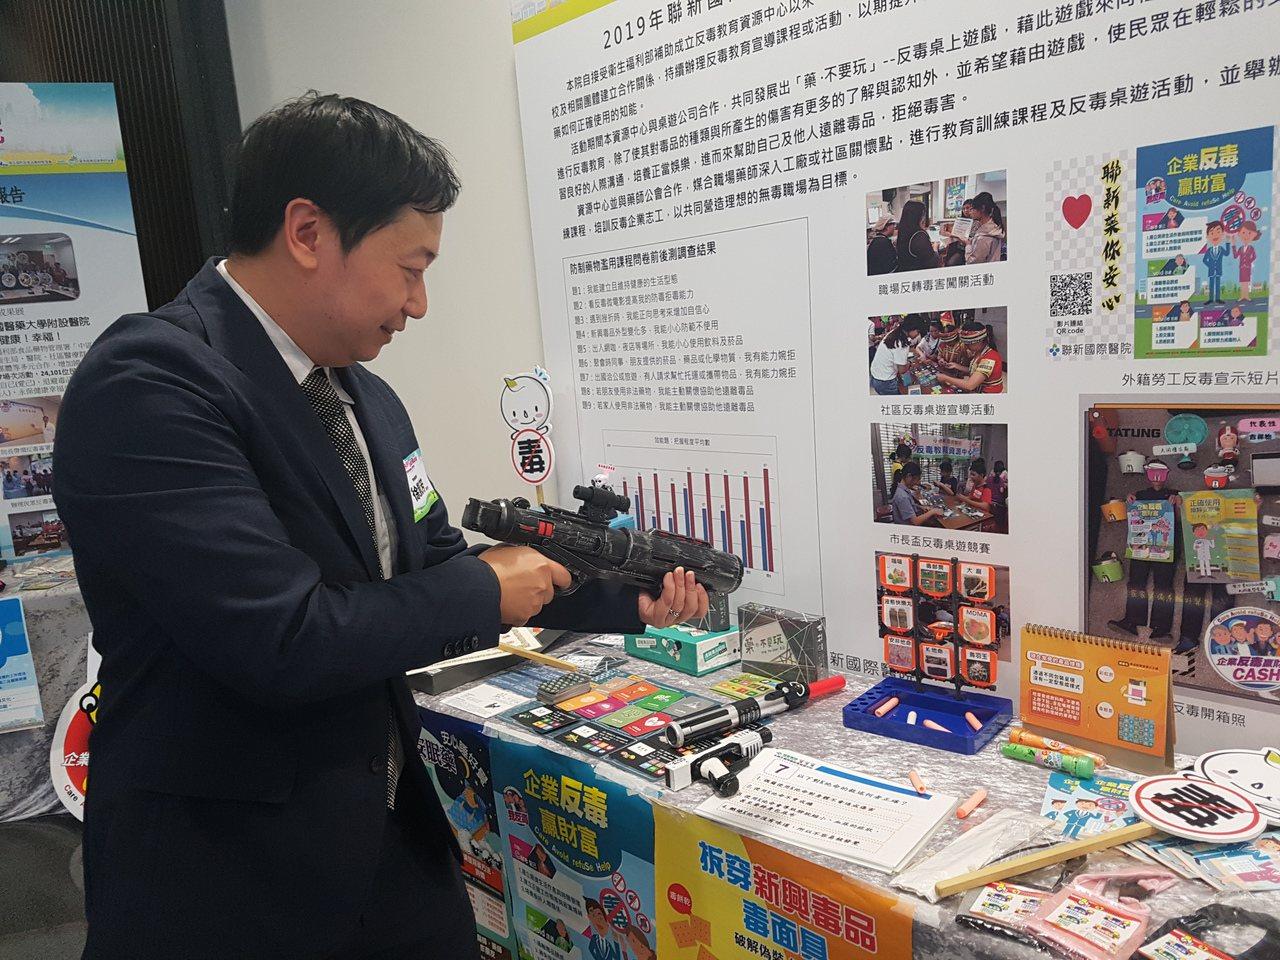 利用各式各樣的毒品宣導教材、遊戲教具宣導反毒。記者楊雅棠/攝影